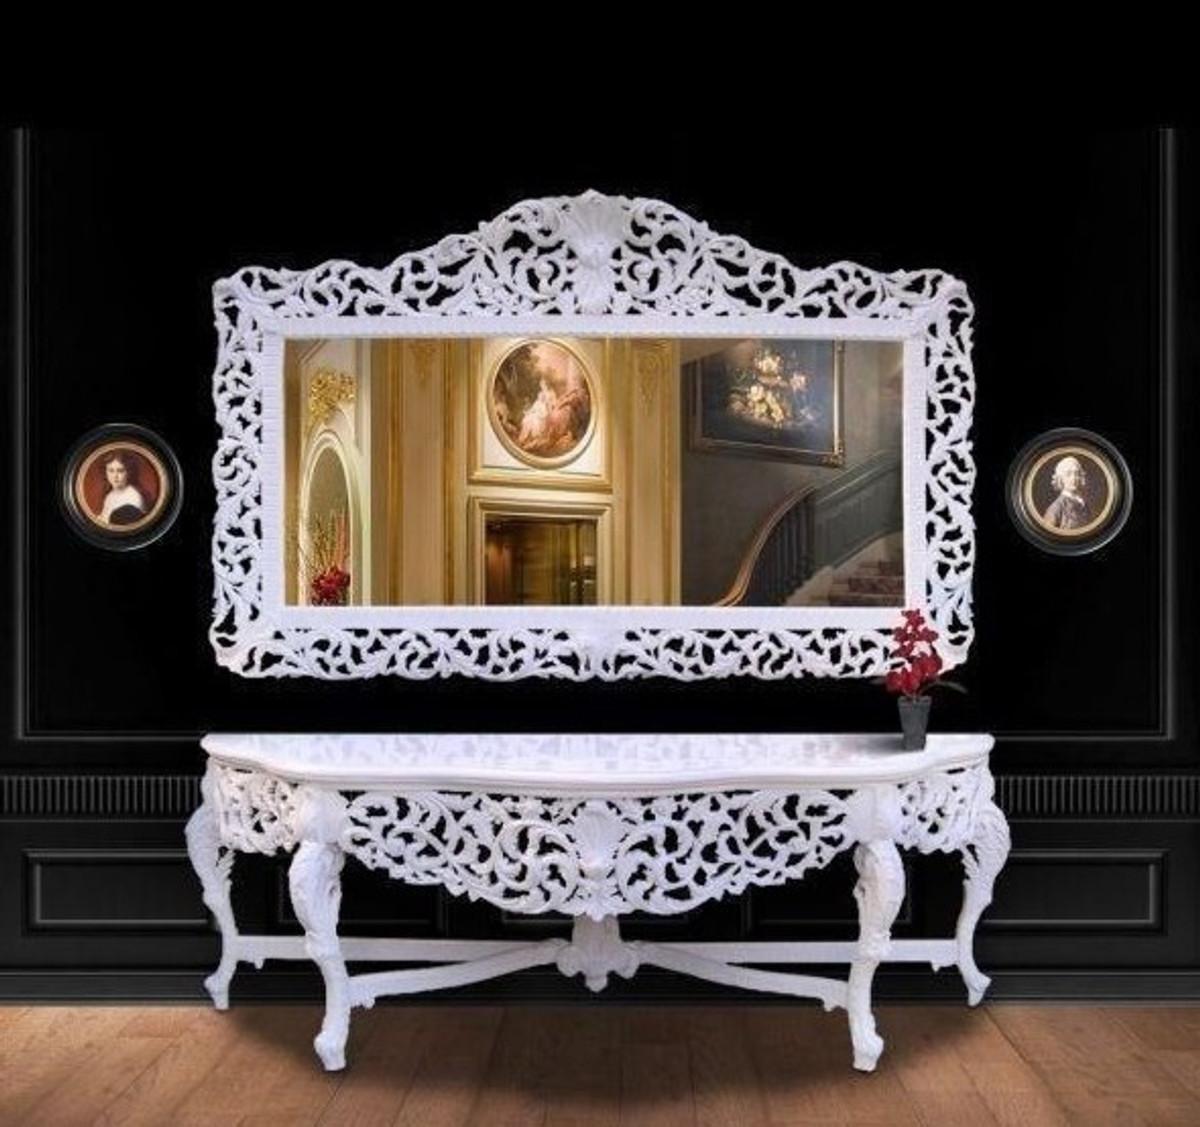 Riesige casa padrino barock spiegelkonsole wei mit wei er for Wandspiegel wohnzimmer